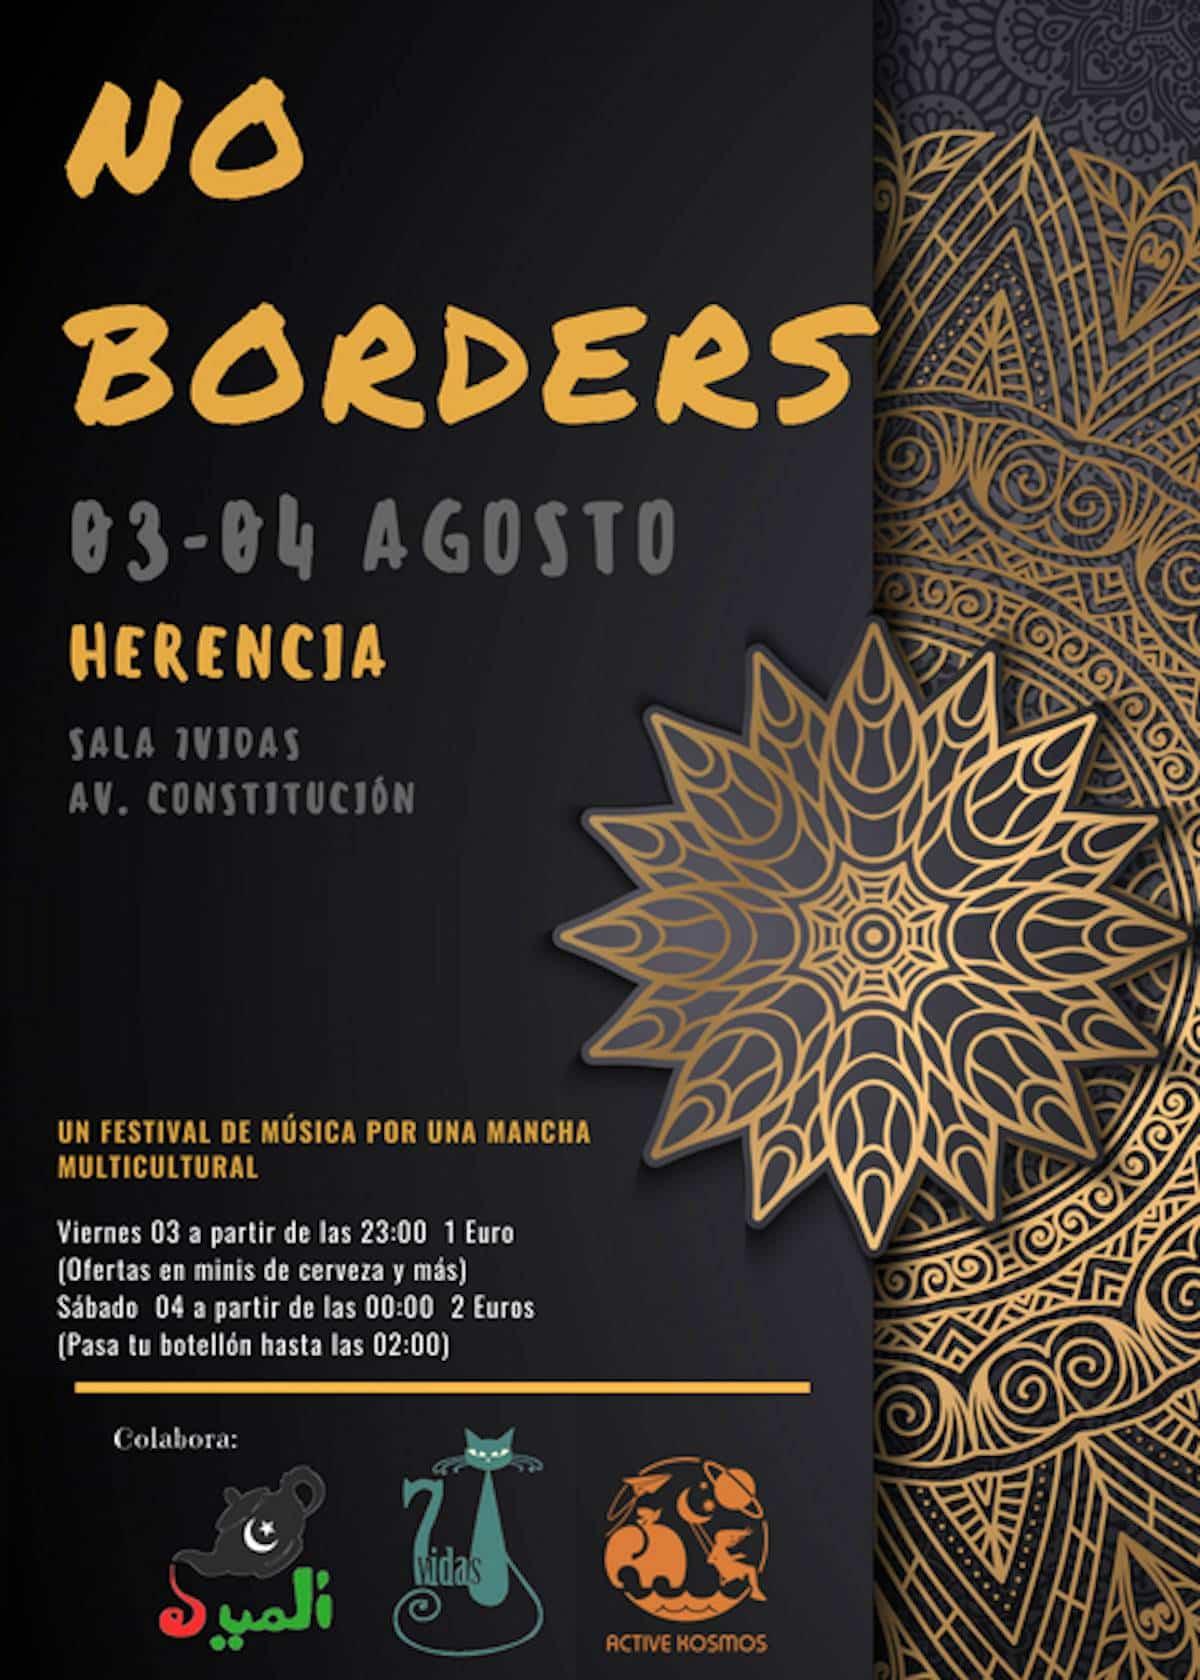 Primera edición del Festival: ¡NO BORDERS! este fin de semana 5